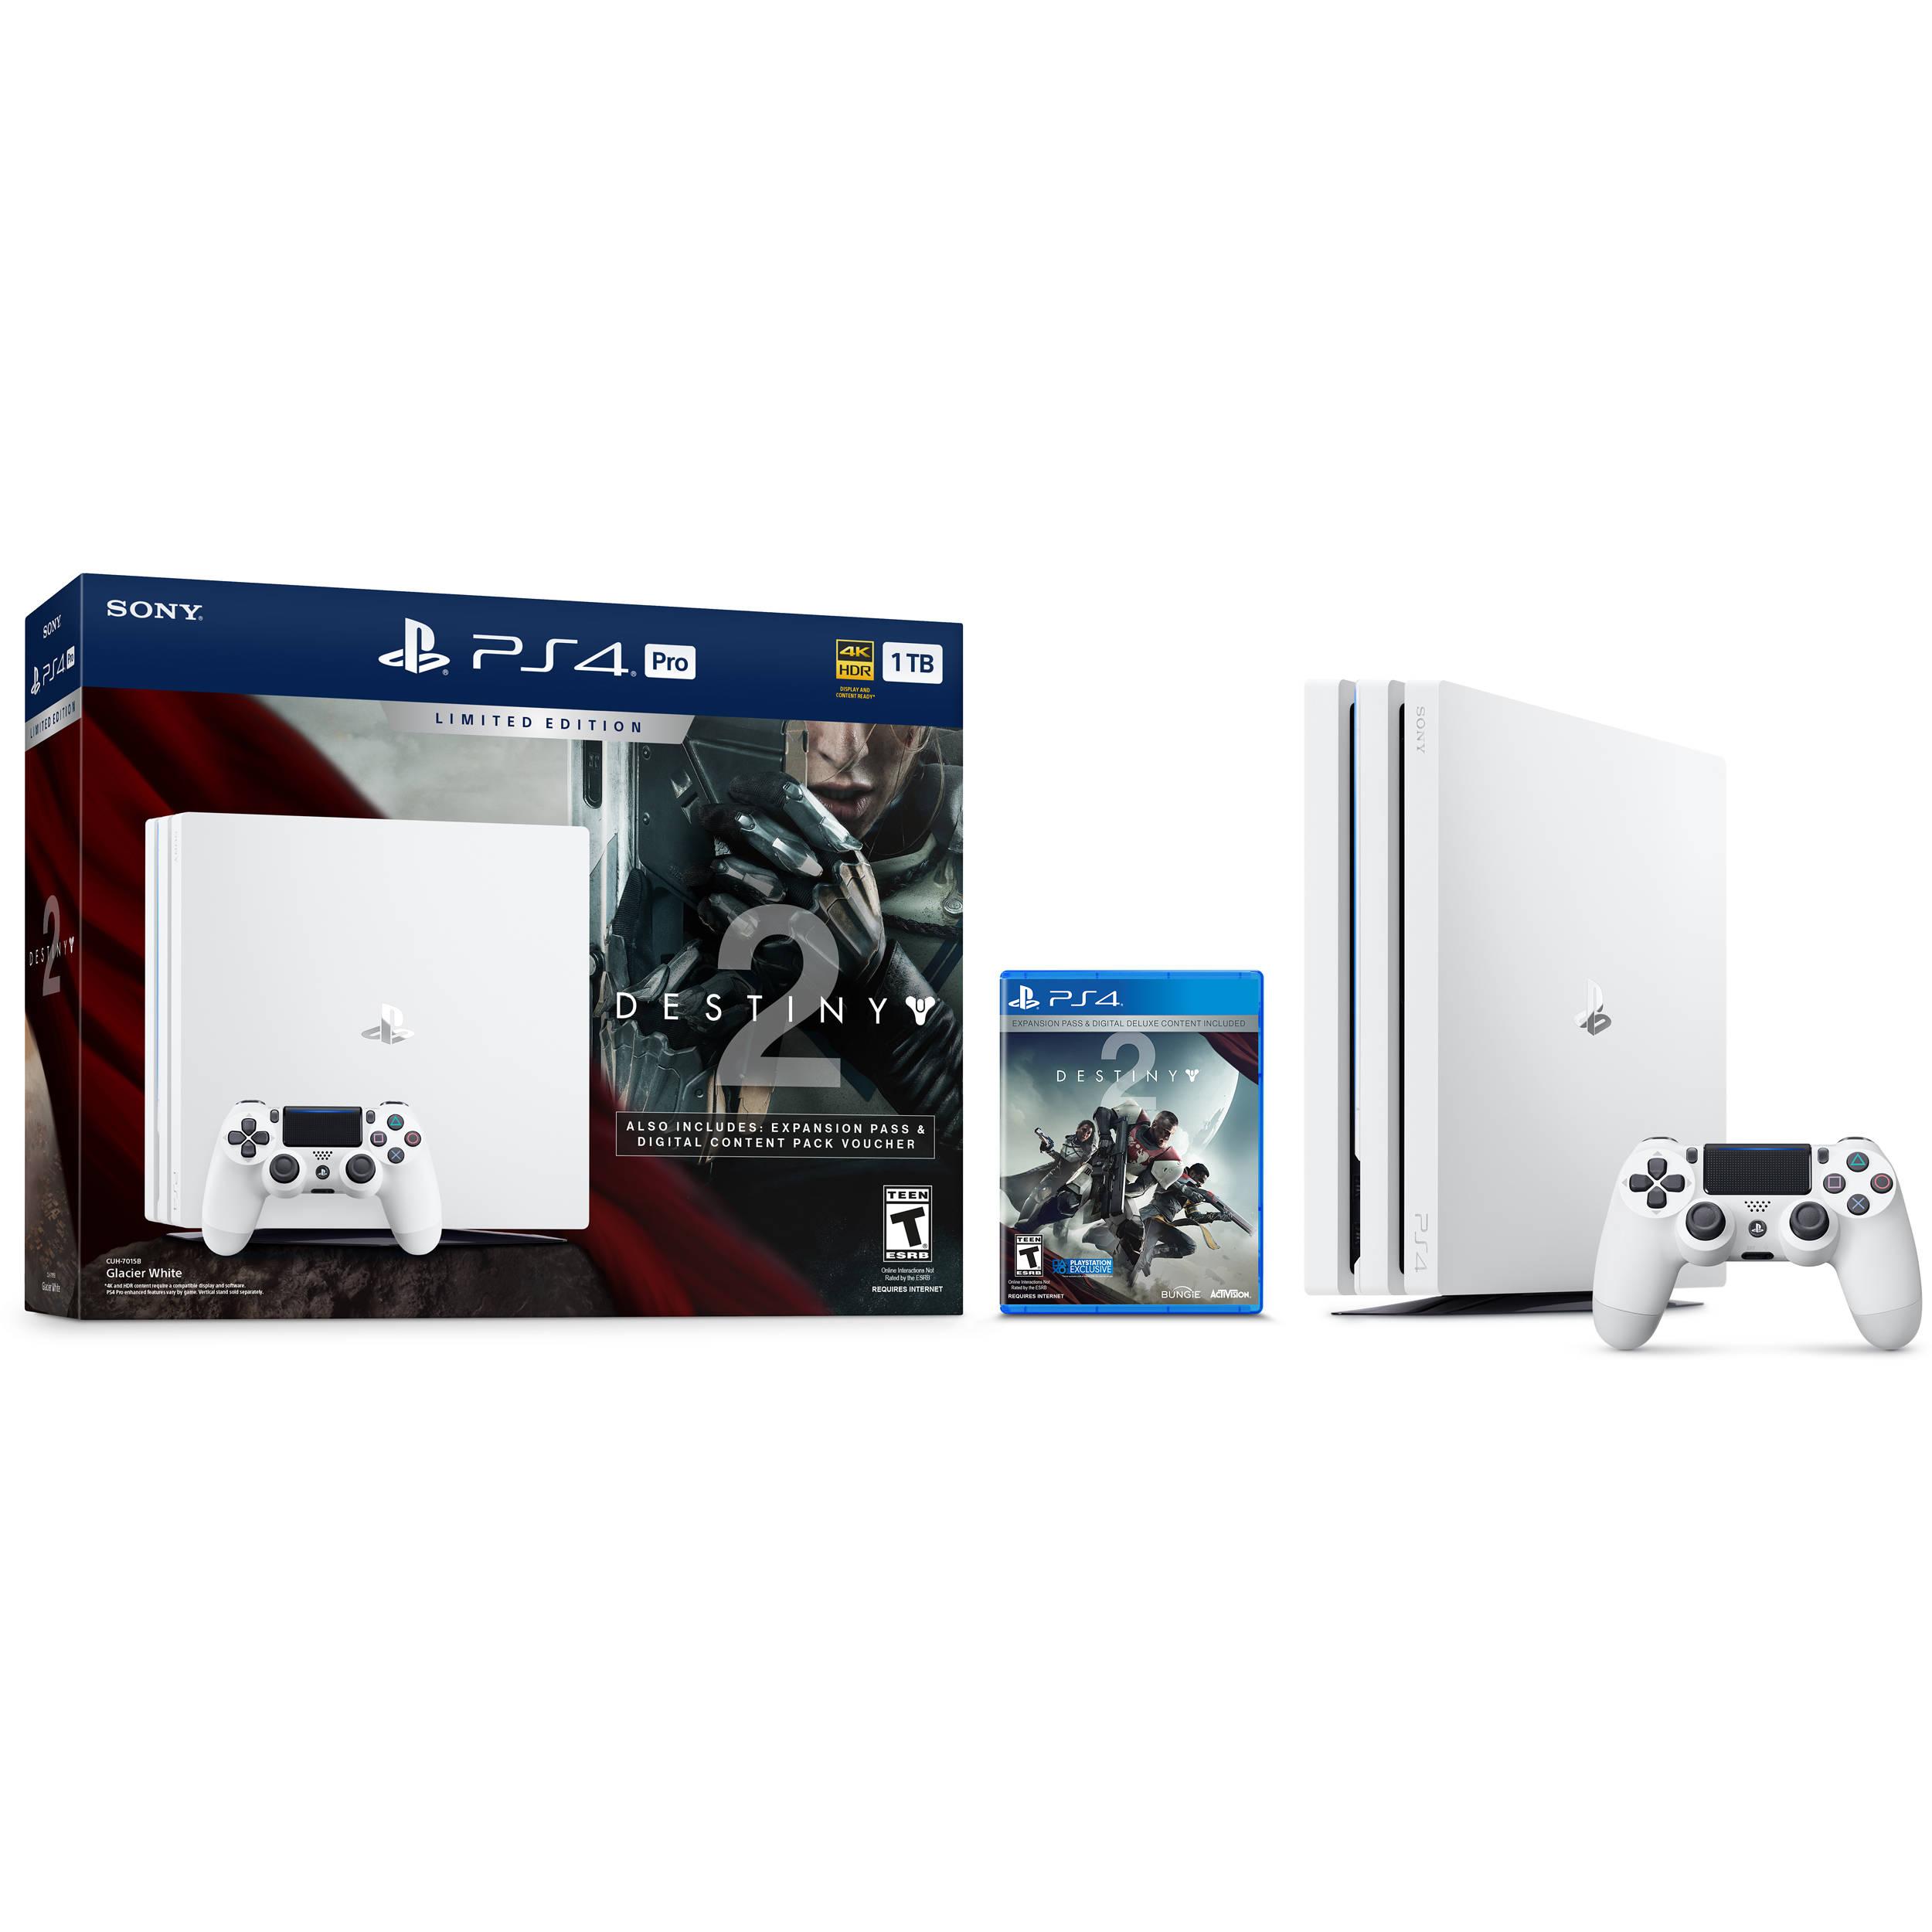 Sony Limited Edition Destiny 2 PlayStation 4 Pro Bundle (Glacier White)